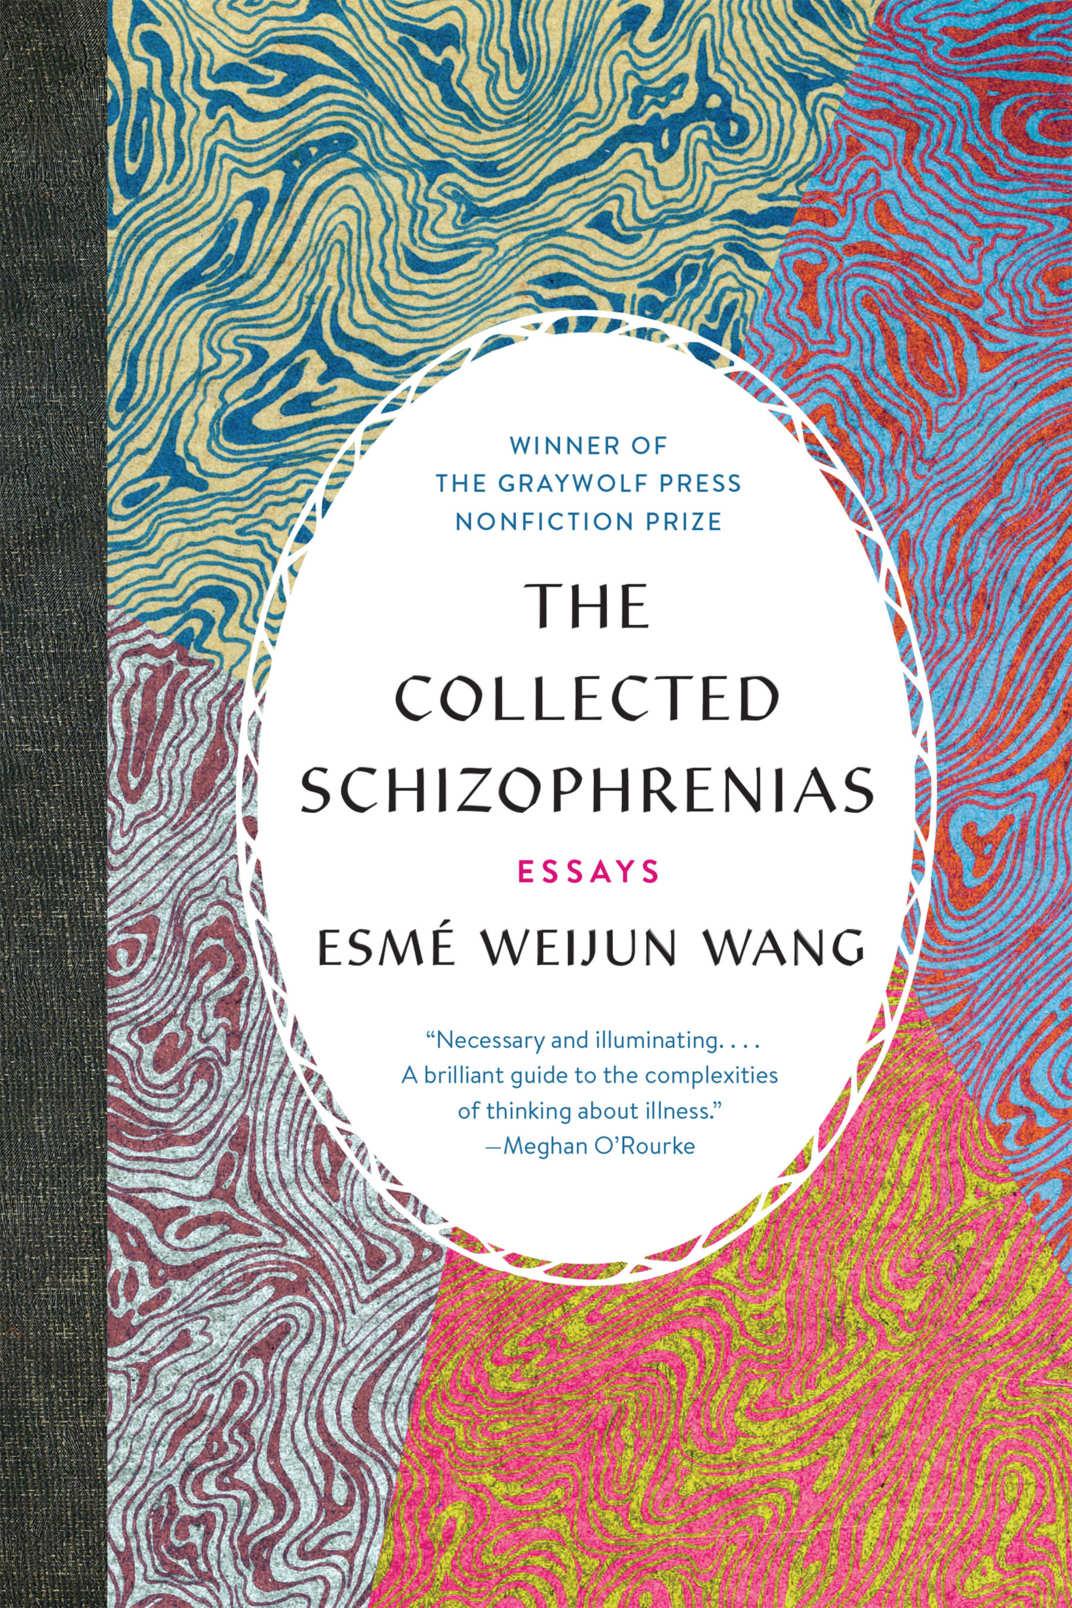 <em>The Collected Schizophrenias</em> by Esmé Weijun Wang